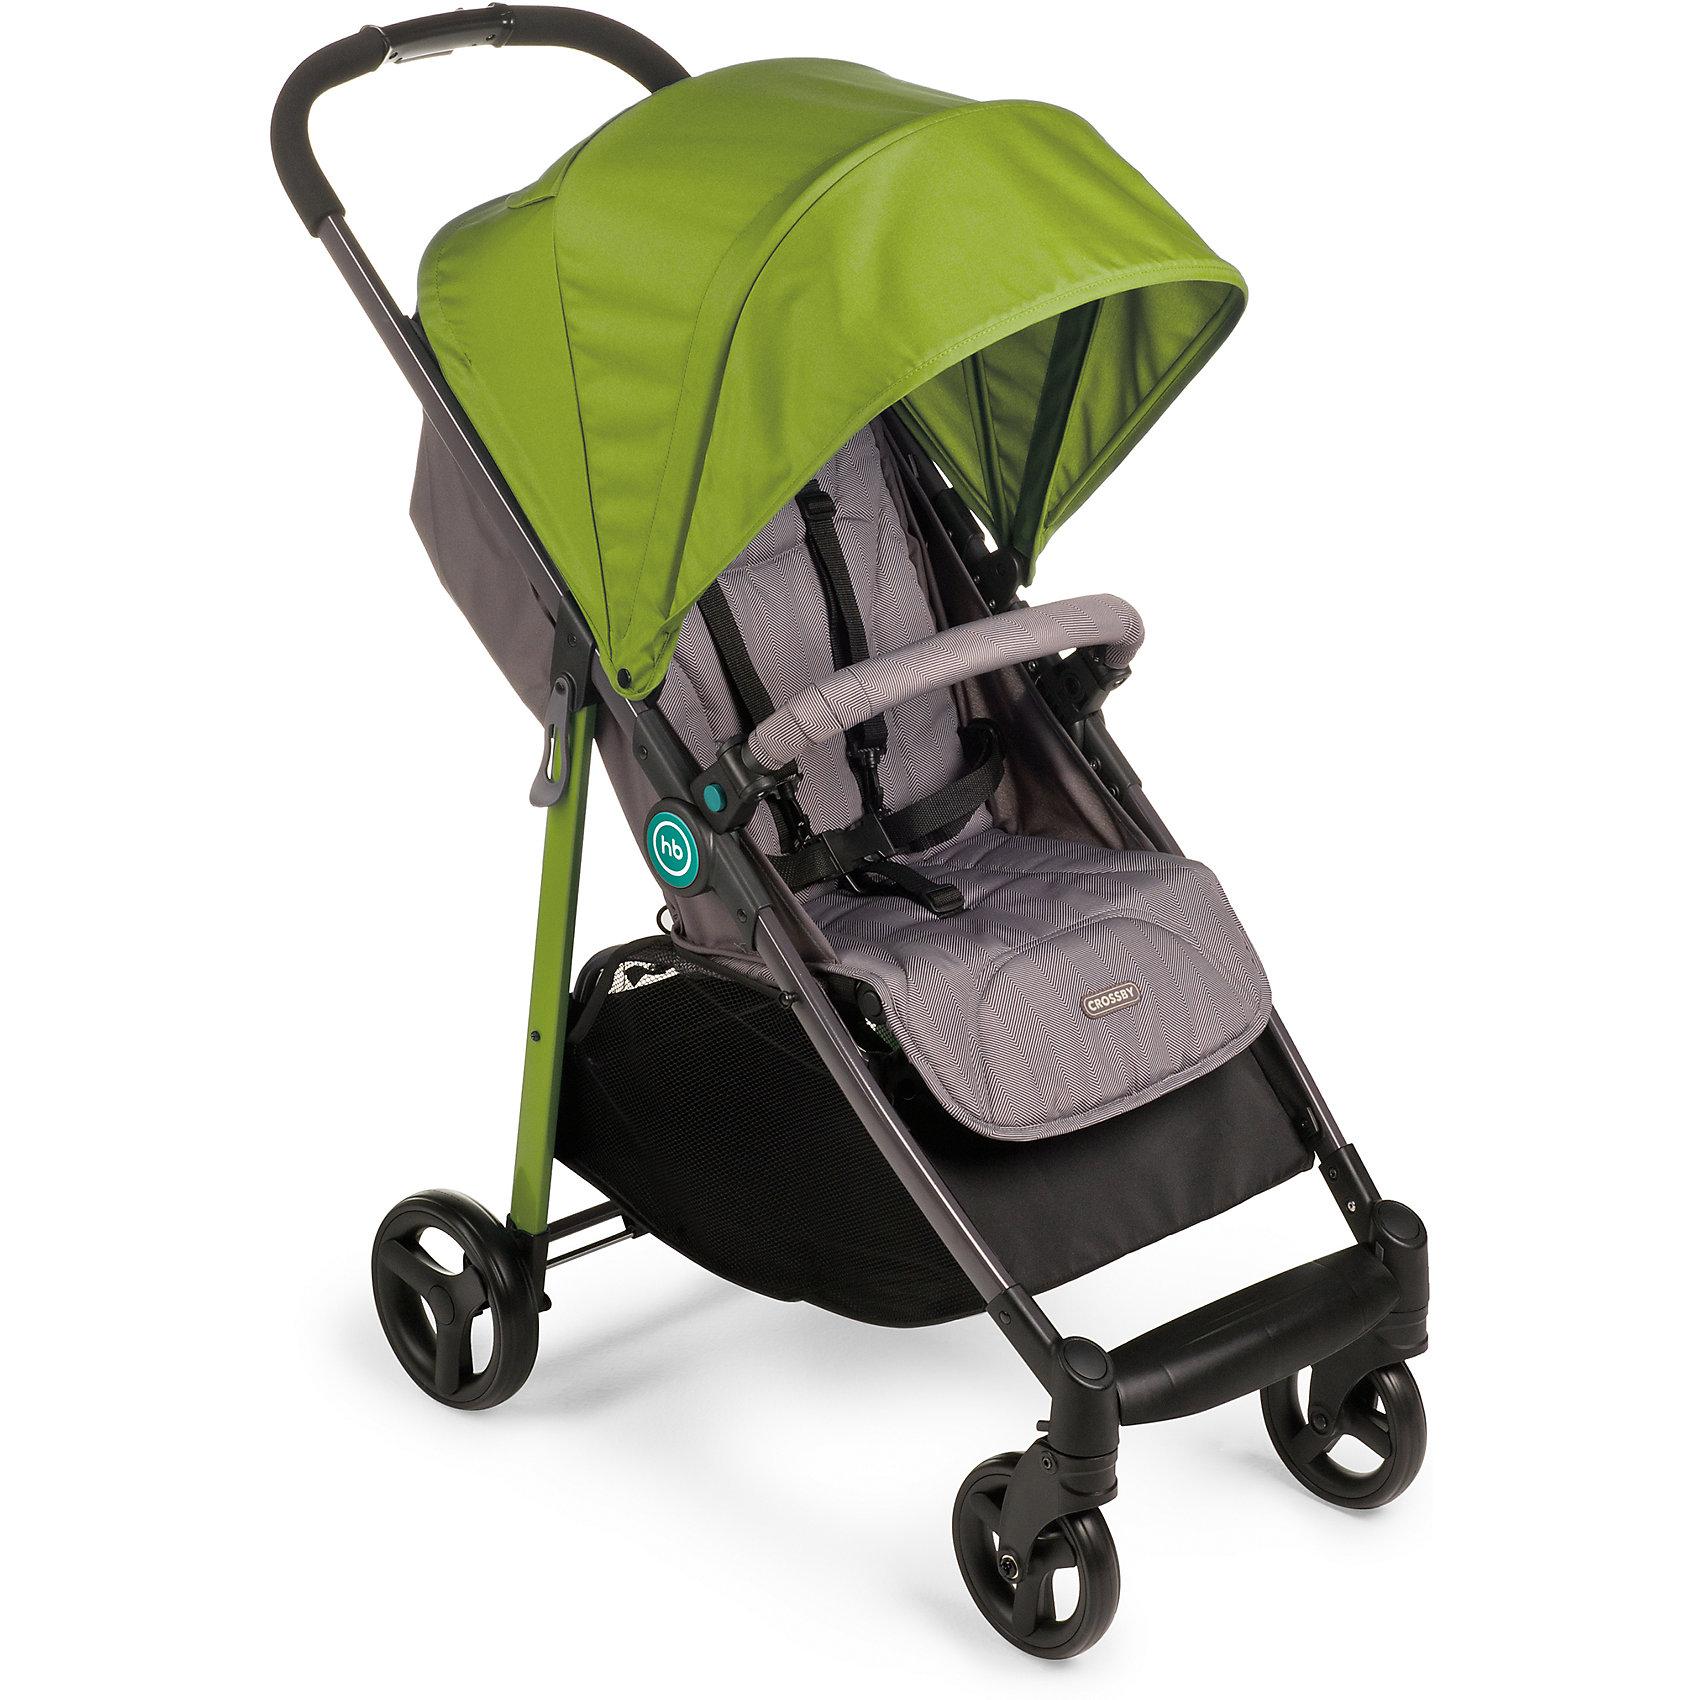 Прогулочная коляска Happy Baby Crossby, зеленыйПрогулочные коляски для лета<br>Модель CROSSBY создана в минималистичном стиле, при этом сочетая в себе максимально необходимое количество характеристик для комфортных прогулок и путешествий. Благодаря амортизация на передних и задних колесах, CROSSBY способна передвигаться по любой дороге, включая не глубокий снег. Эта всесезонная коляска укомплектована чехлом на ножки, дождевиком и москитной сеткой. Имеет широкое сиденье с возможностью плавной регулировки угла наклона спинки, большой капюшон со смотровым окошком, вместительную корзину для покупок. Обивка коляски выполнена из современных высокотехнологичных тканей, что создает дополнительный комфорт для ребенка и мамы.<br><br>Ширина мм: 830<br>Глубина мм: 210<br>Высота мм: 445<br>Вес г: 10050<br>Возраст от месяцев: 7<br>Возраст до месяцев: 36<br>Пол: Унисекс<br>Возраст: Детский<br>SKU: 5620084